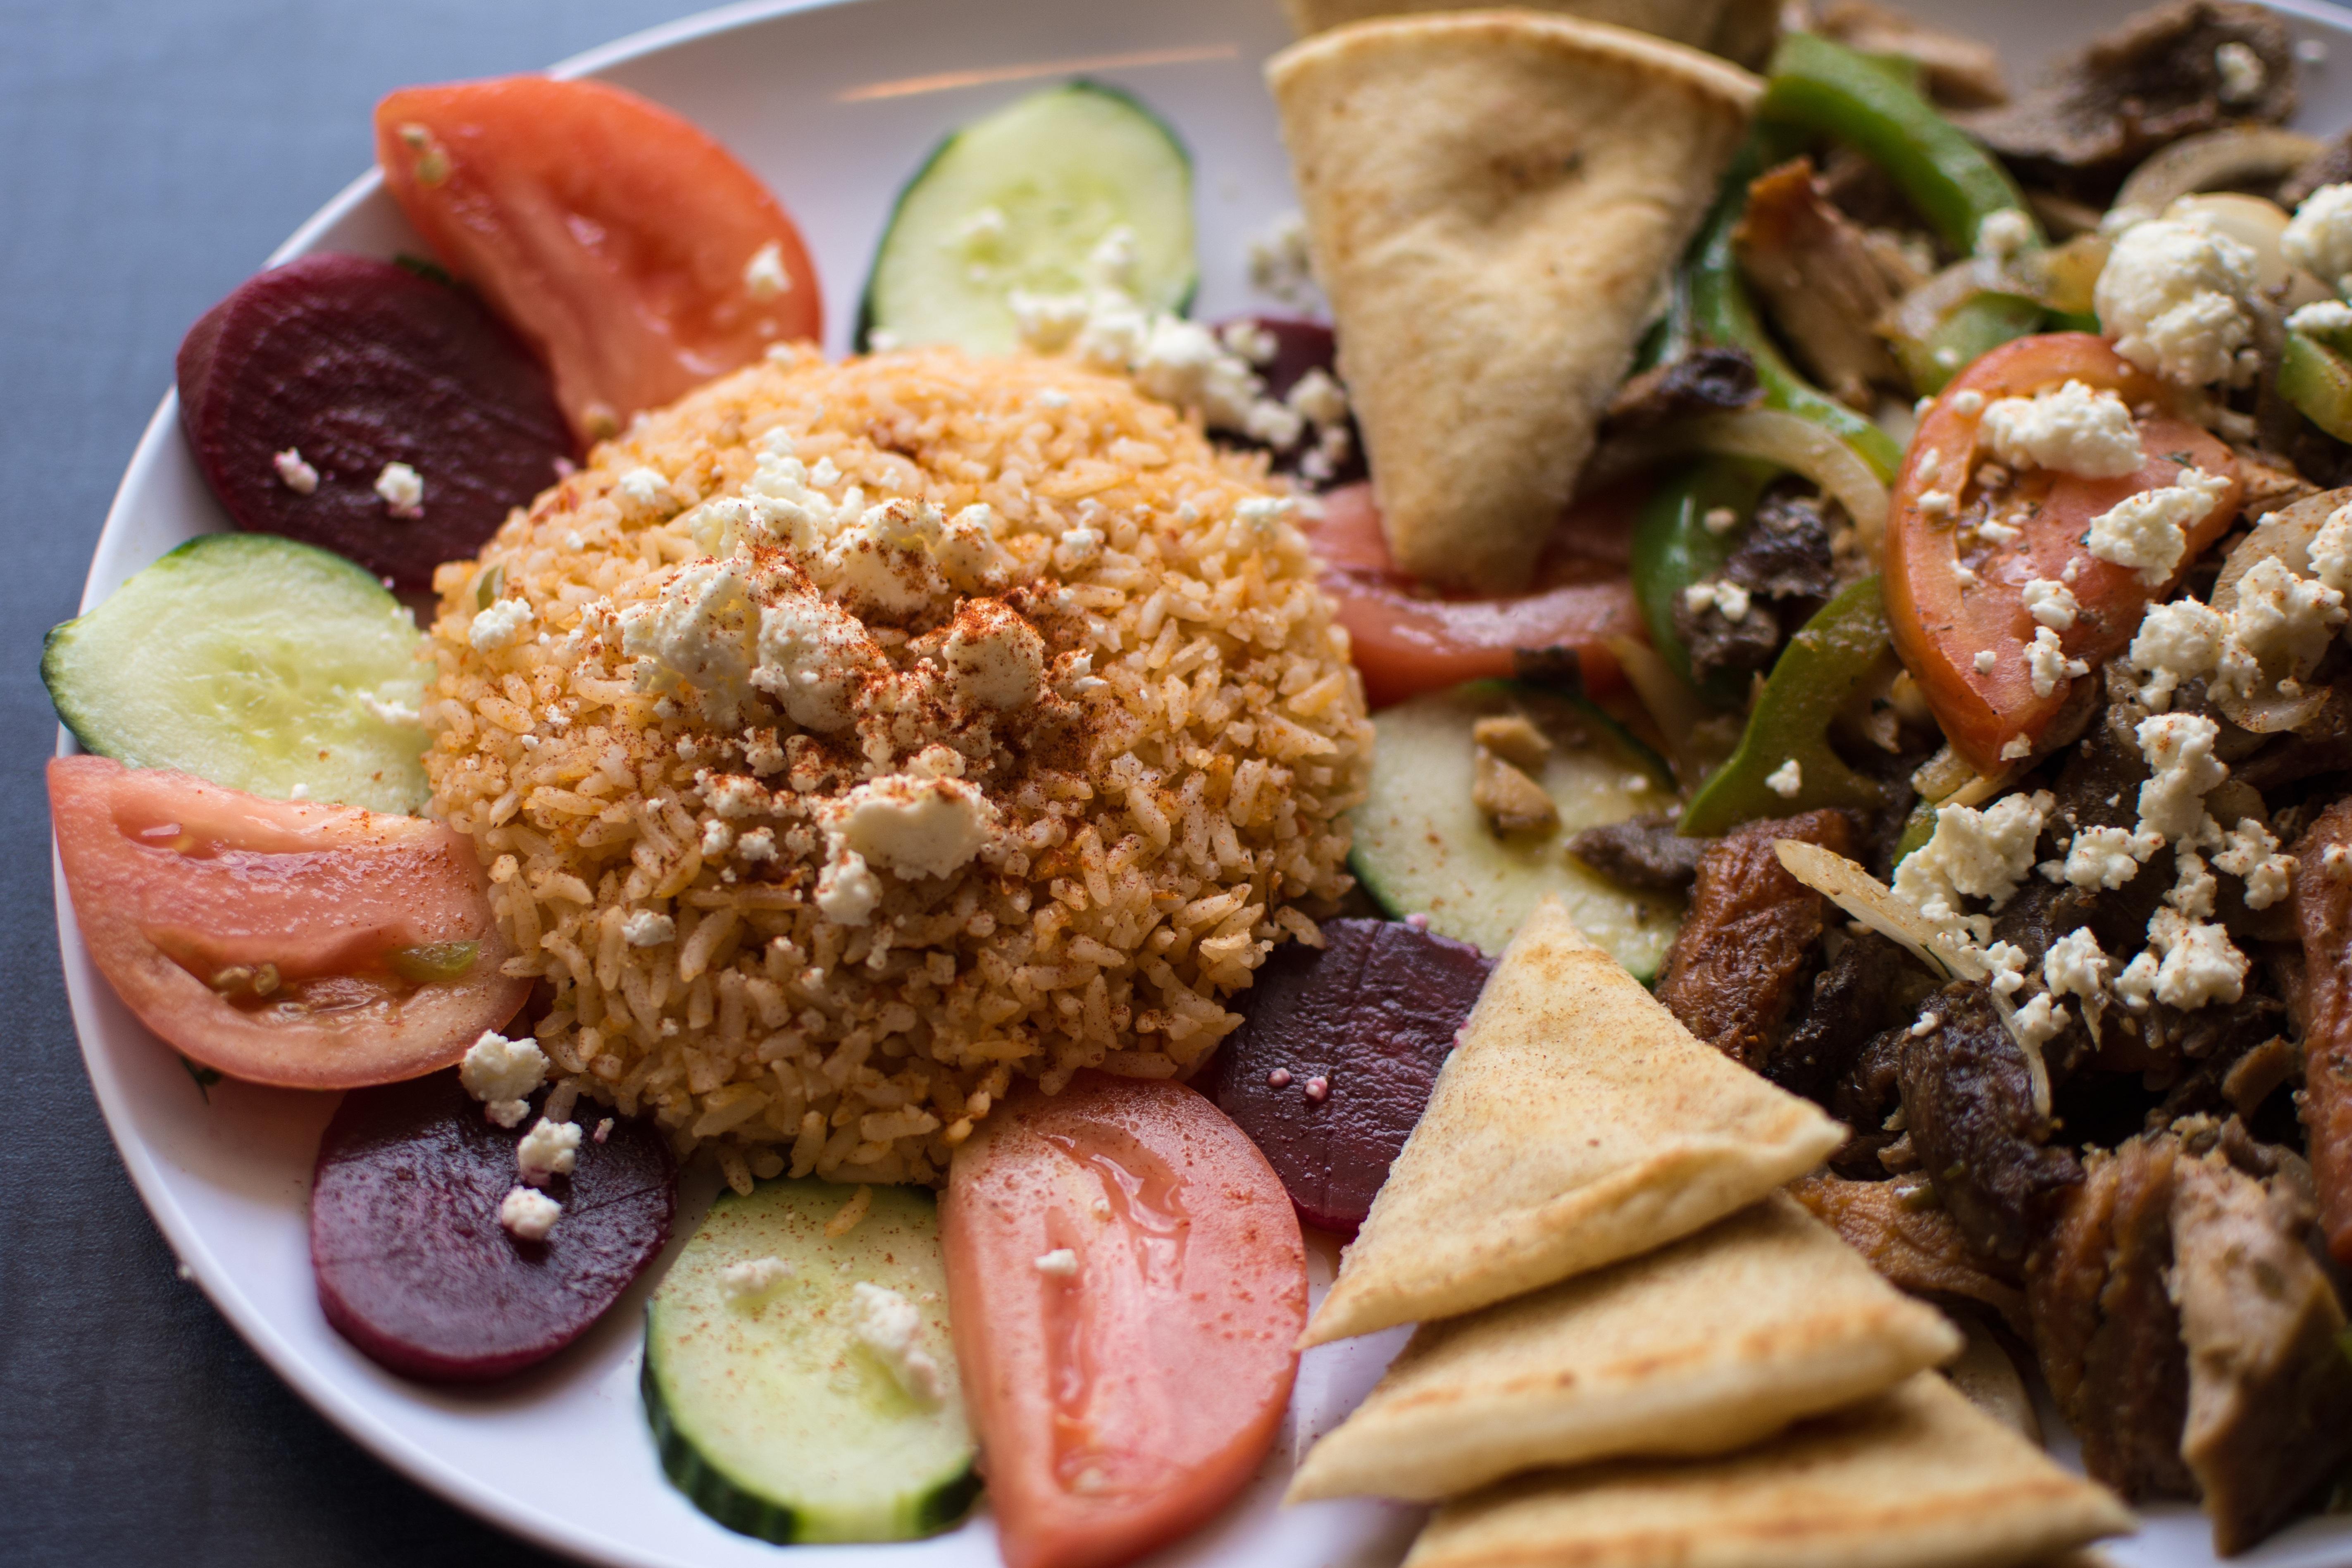 после греческая кухня национальные блюда рецепты с фото сми прозвучала